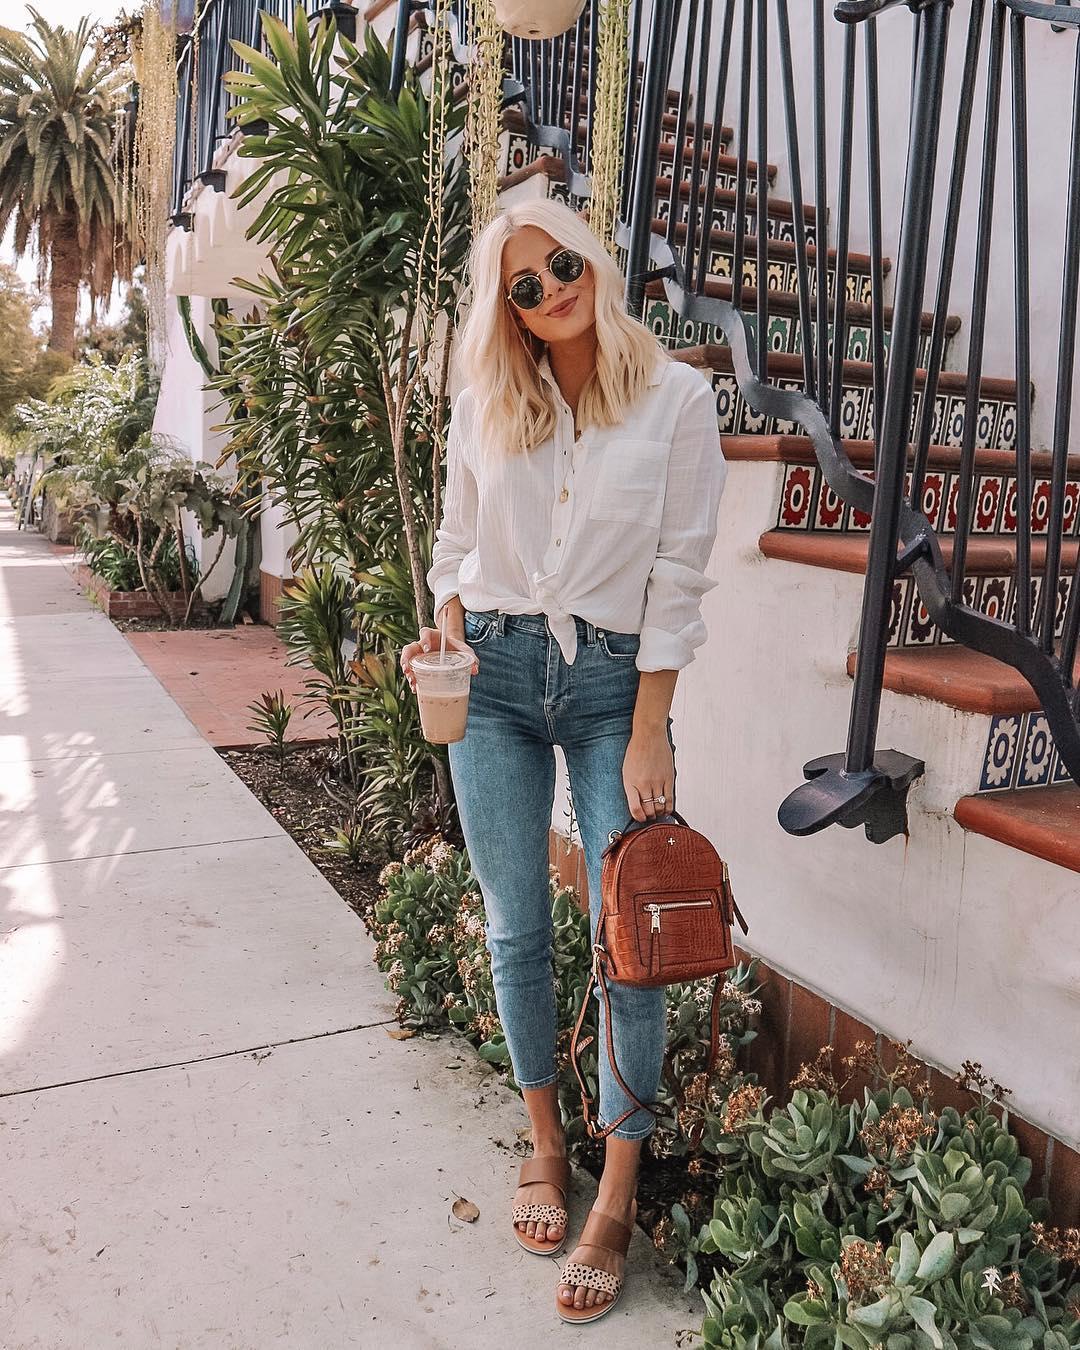 С чем носить джинсы летом фото 9